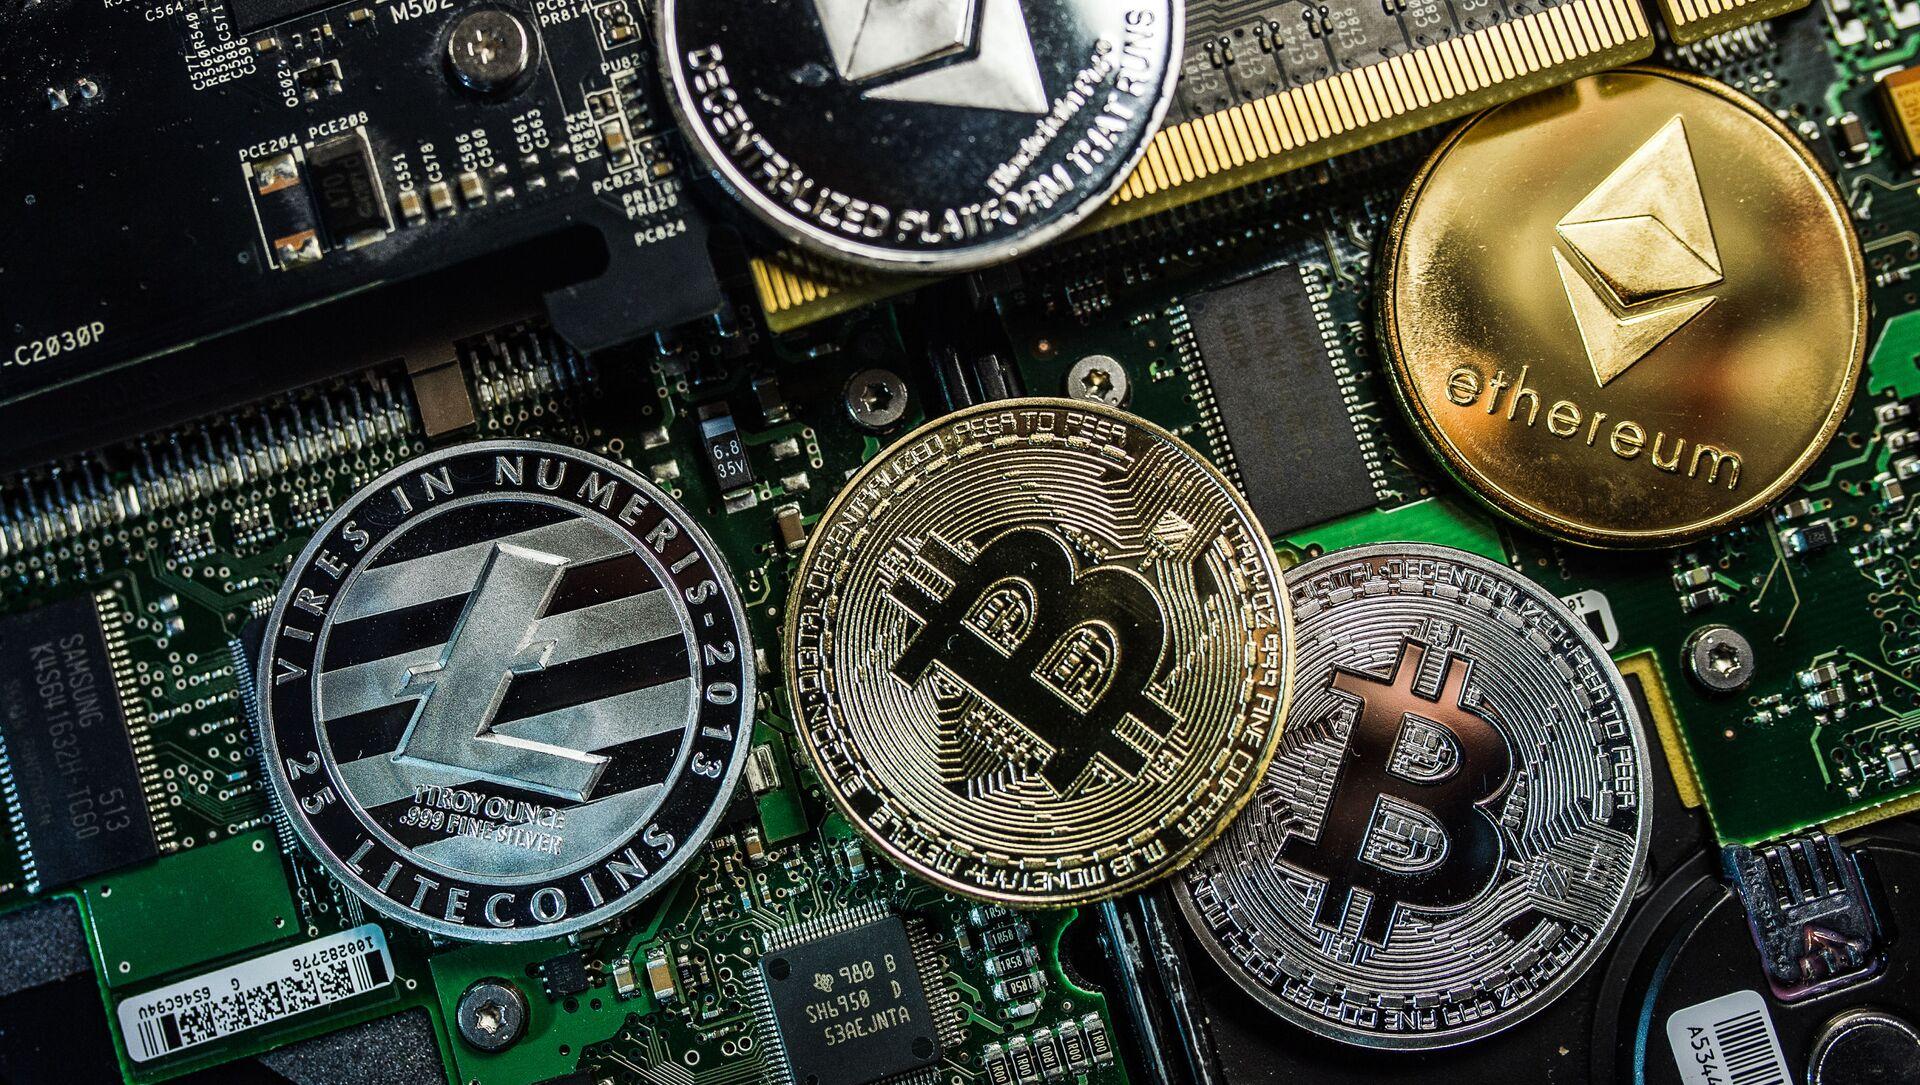 Monety pamiątkowe z logo kryptowalut Bitcoin, Litecoin i Ethereum - Sputnik Polska, 1920, 14.06.2021